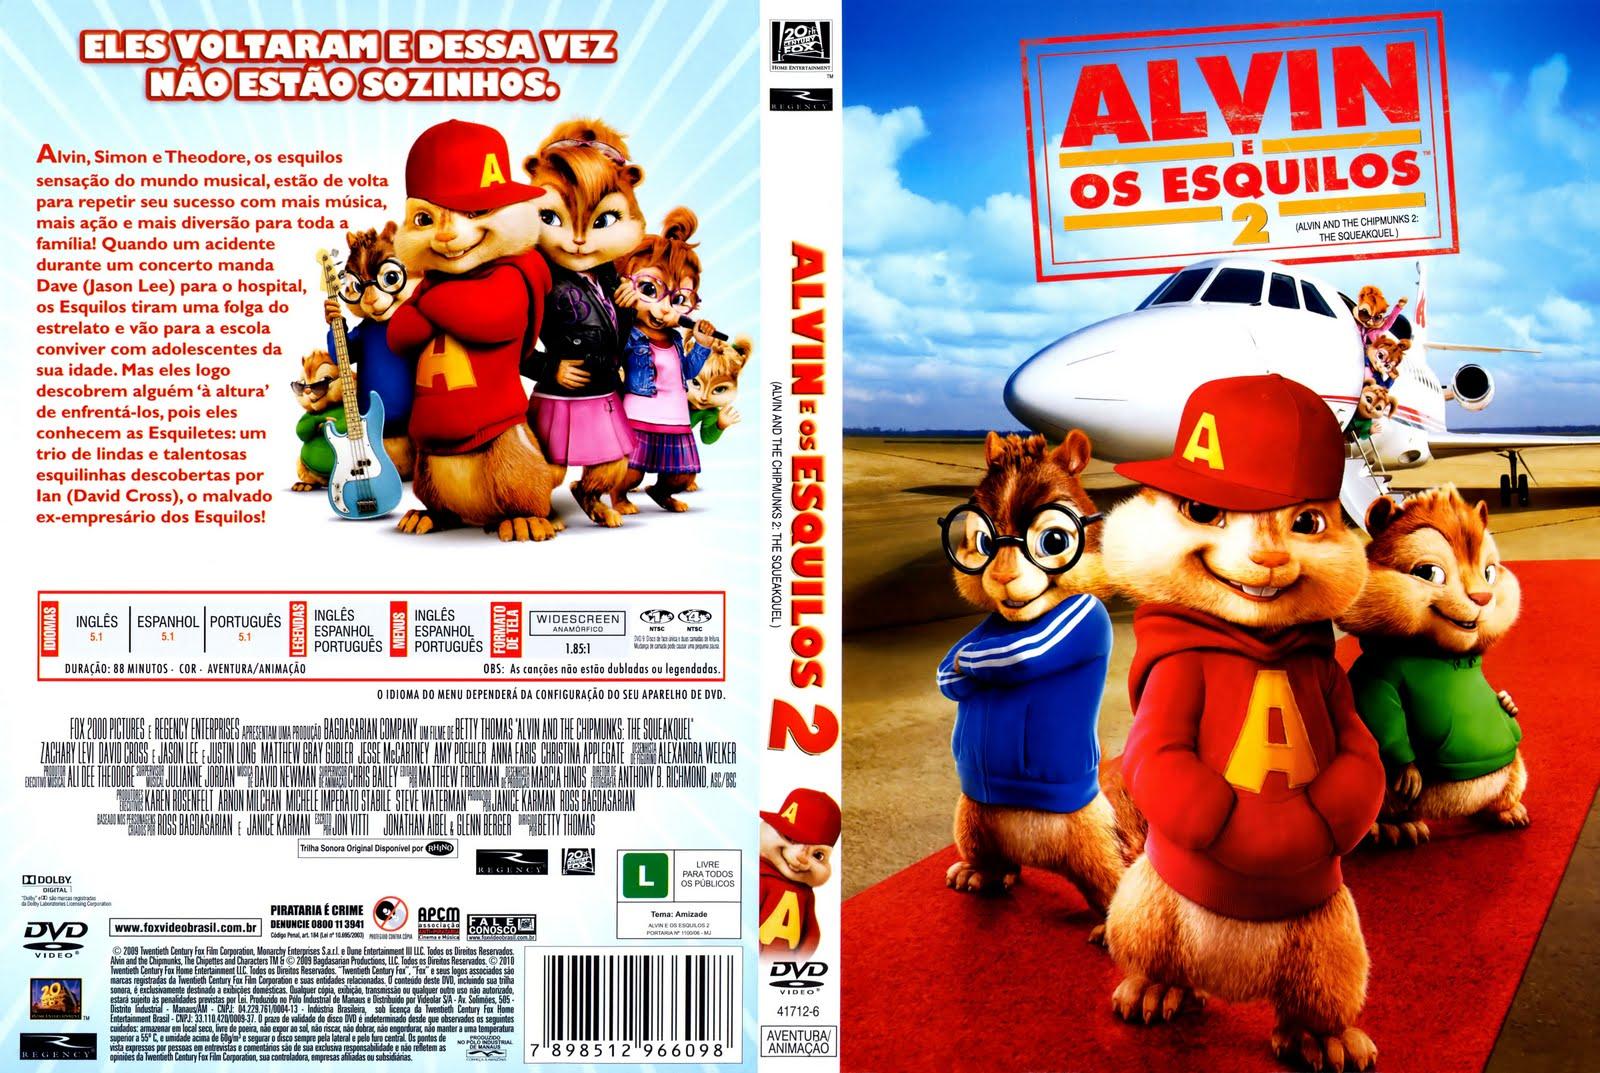 Assistir Alvin e os Esquilos 2 - Dublado Online - MM